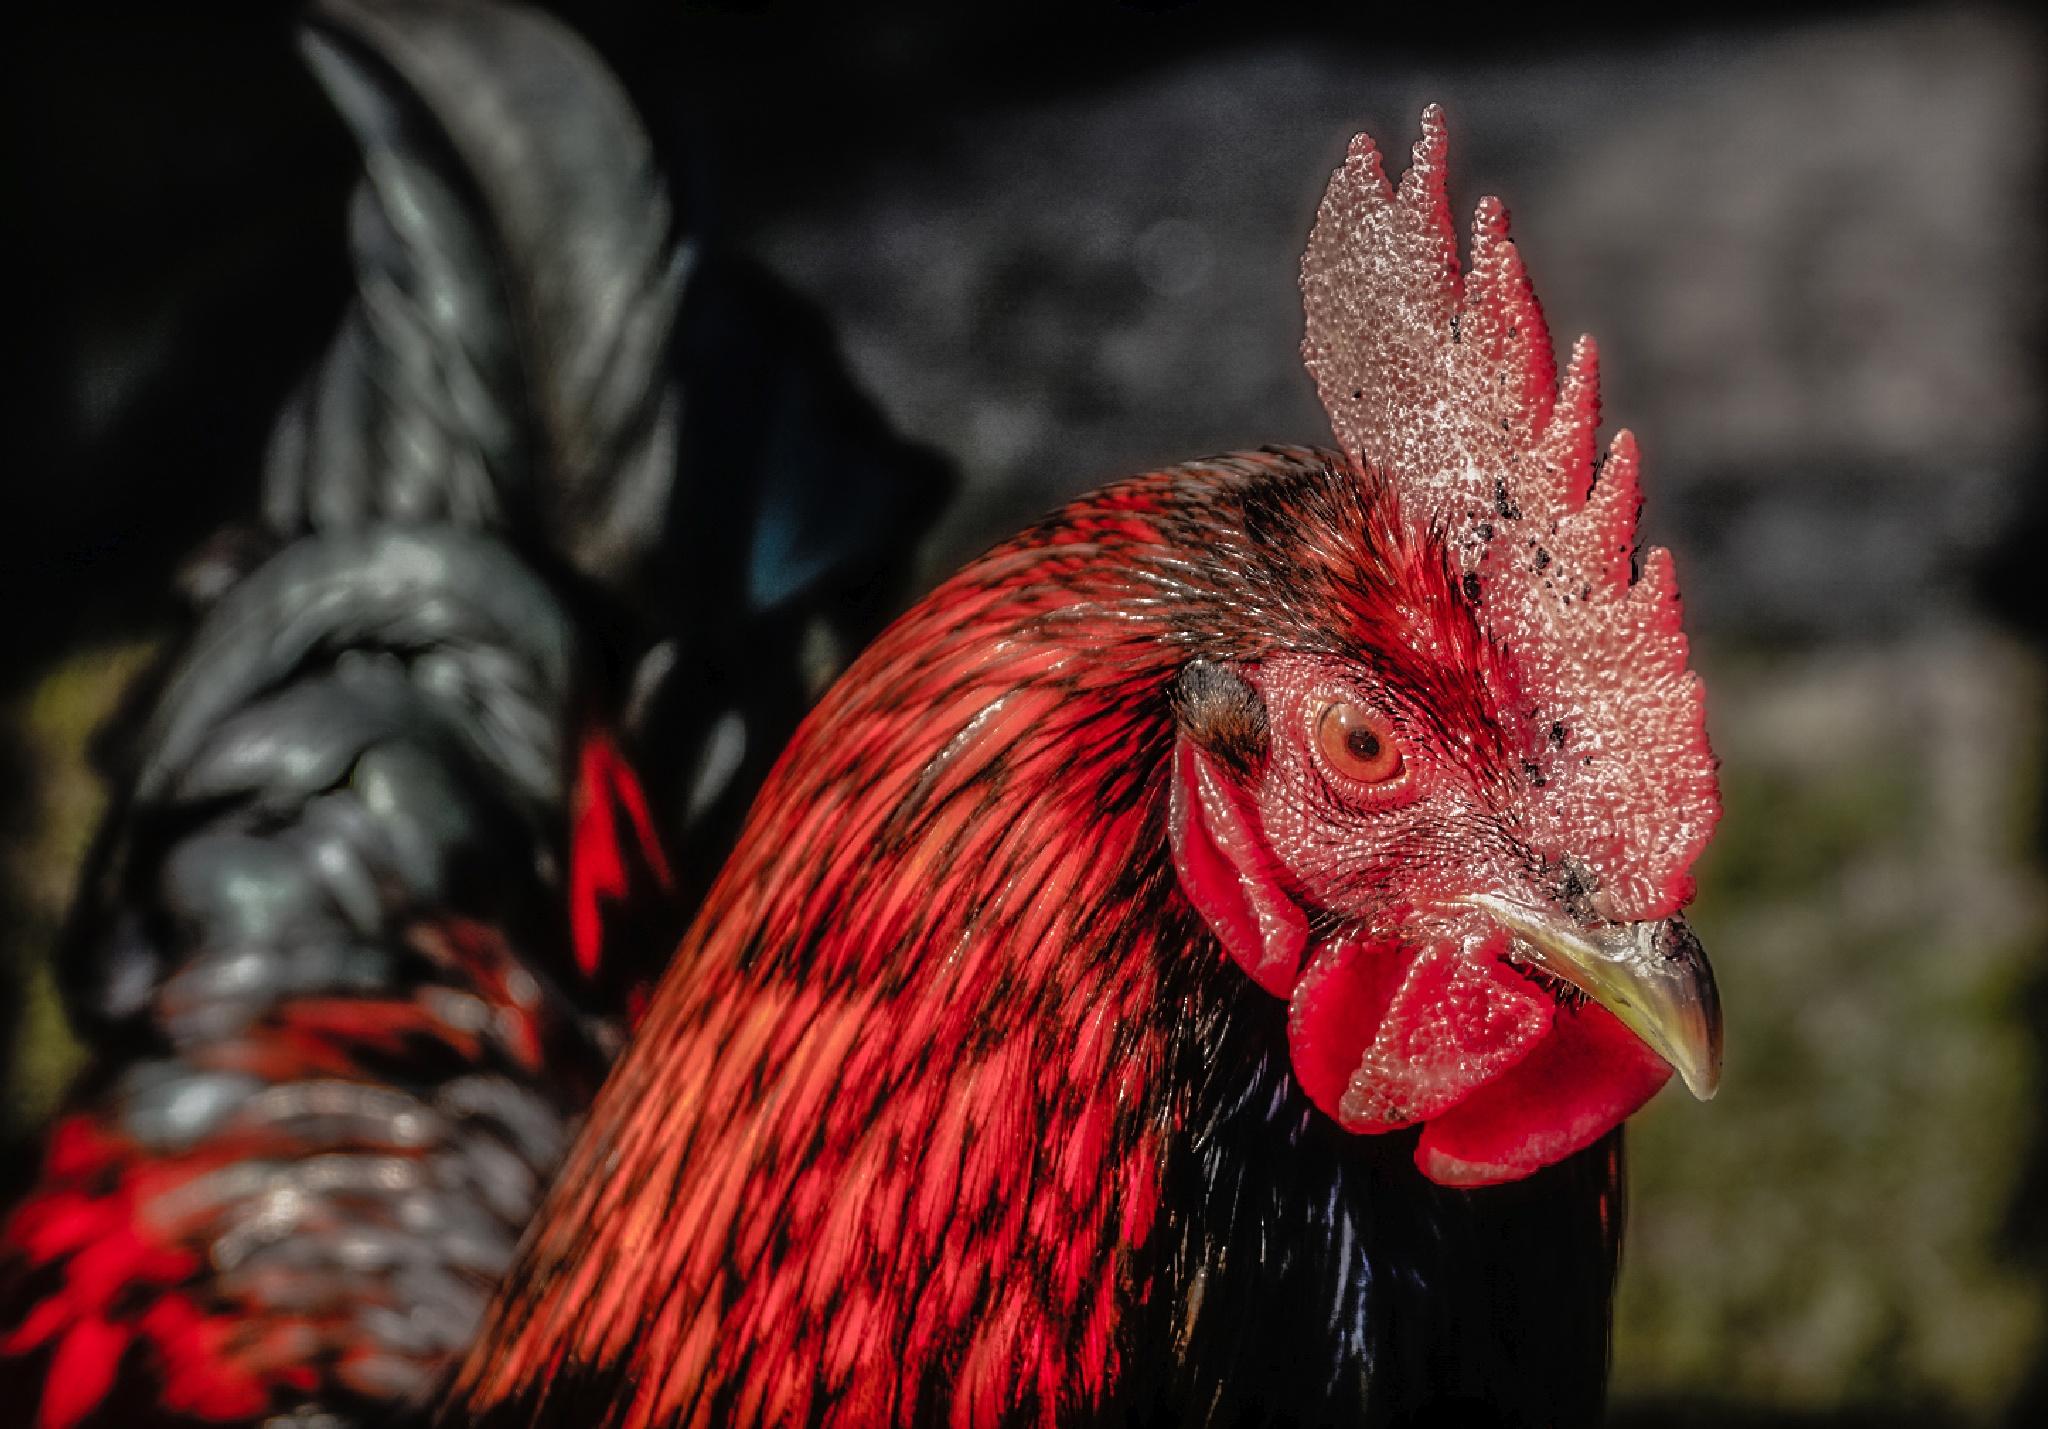 Rooster by Joop Nijhof